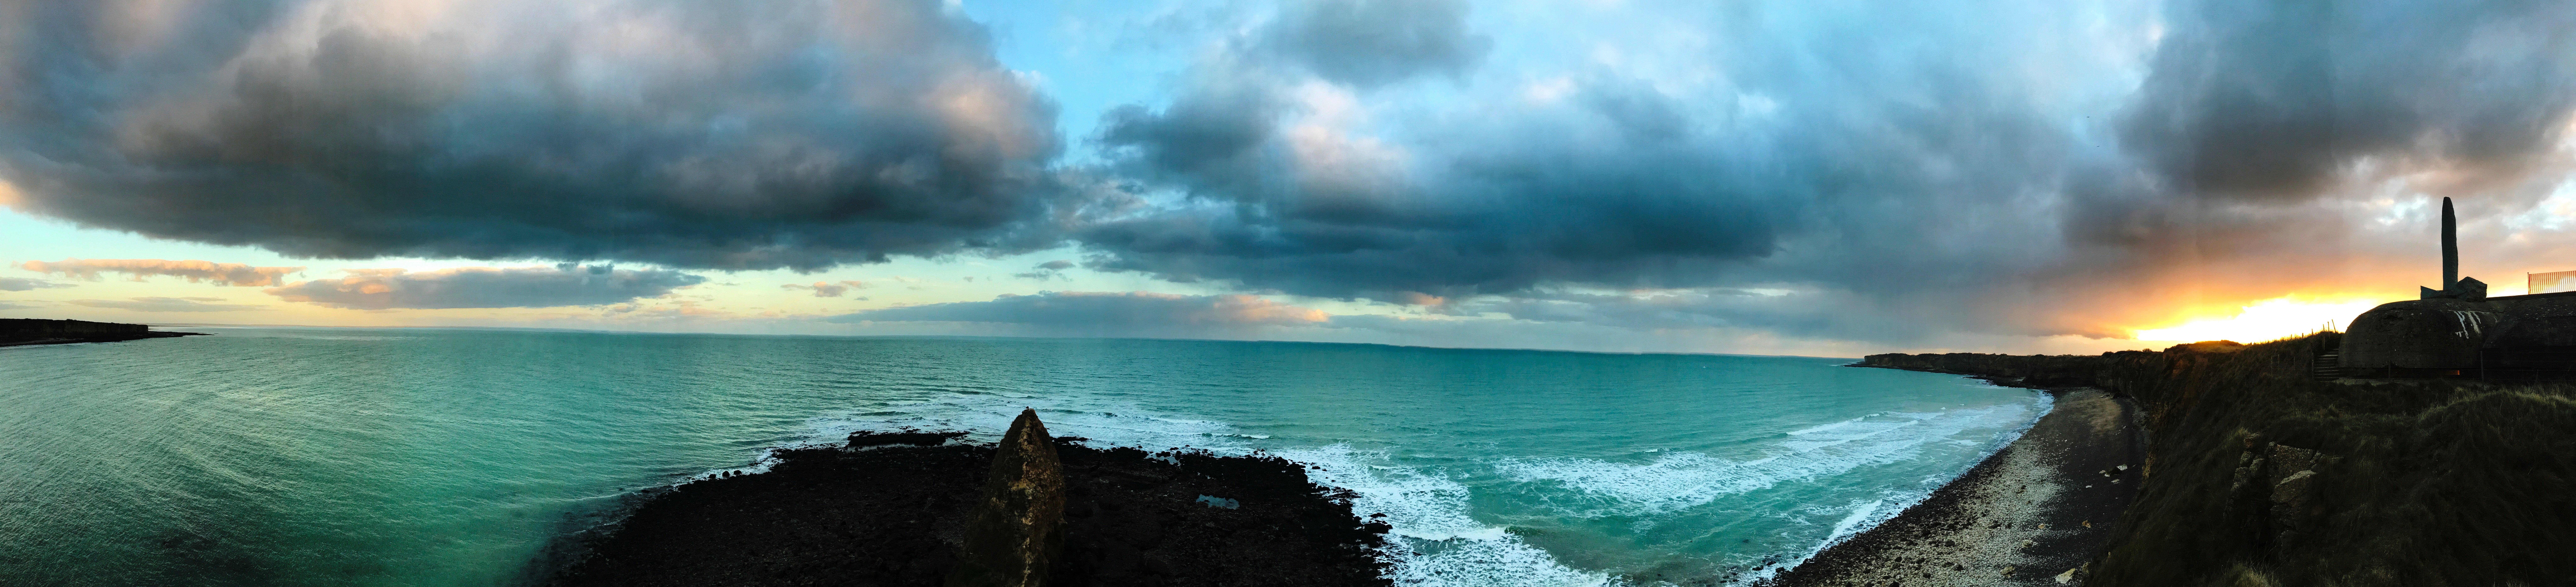 La Pointe du Hoc landscape.jpg